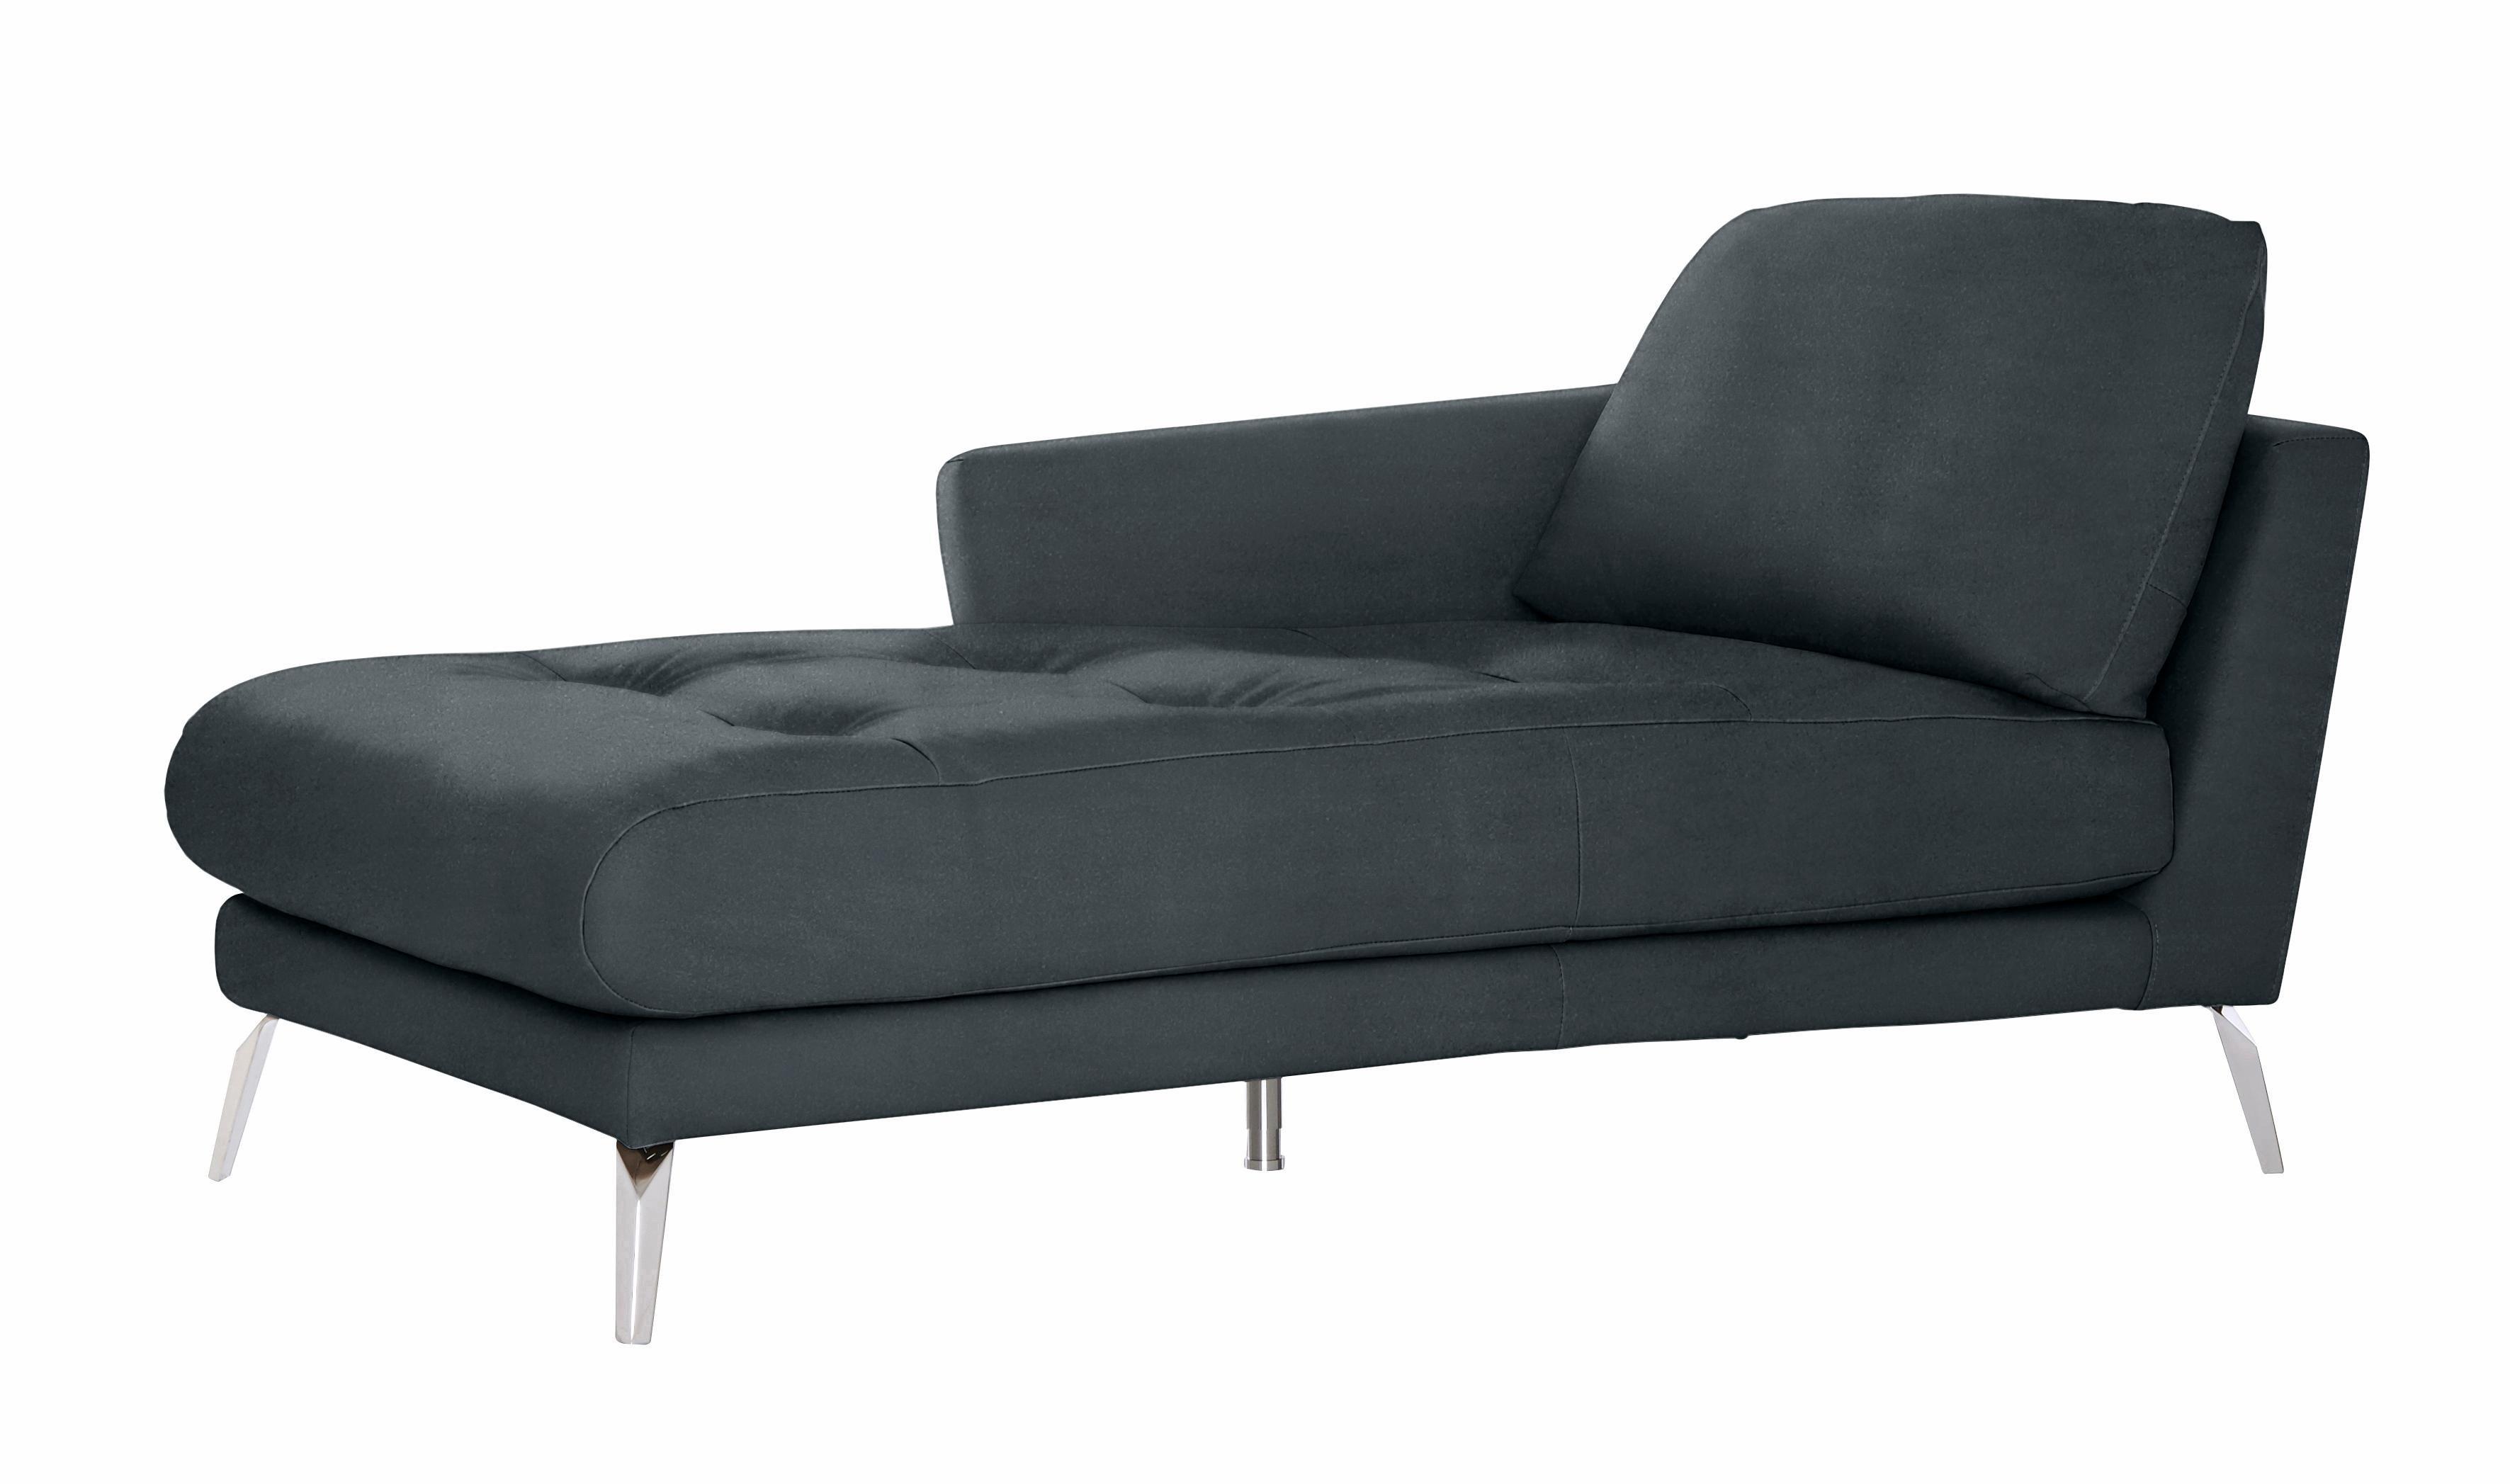 leder relaxliegen online kaufen m bel suchmaschine. Black Bedroom Furniture Sets. Home Design Ideas